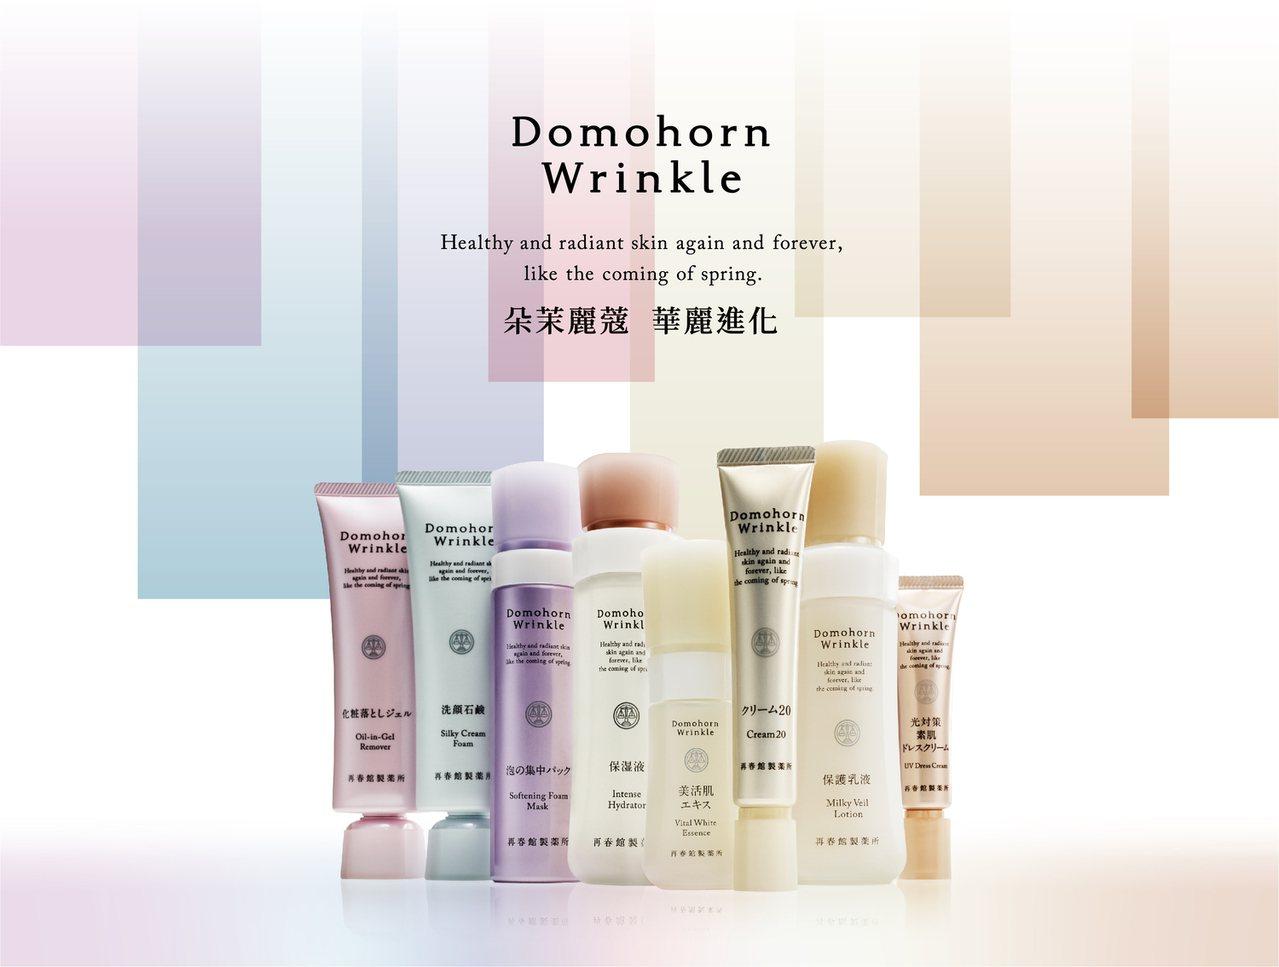 朵茉麗蔻日台同步華麗進化,新滲透技術搭配首次添加台灣原料,抗皺淨斑更有感。